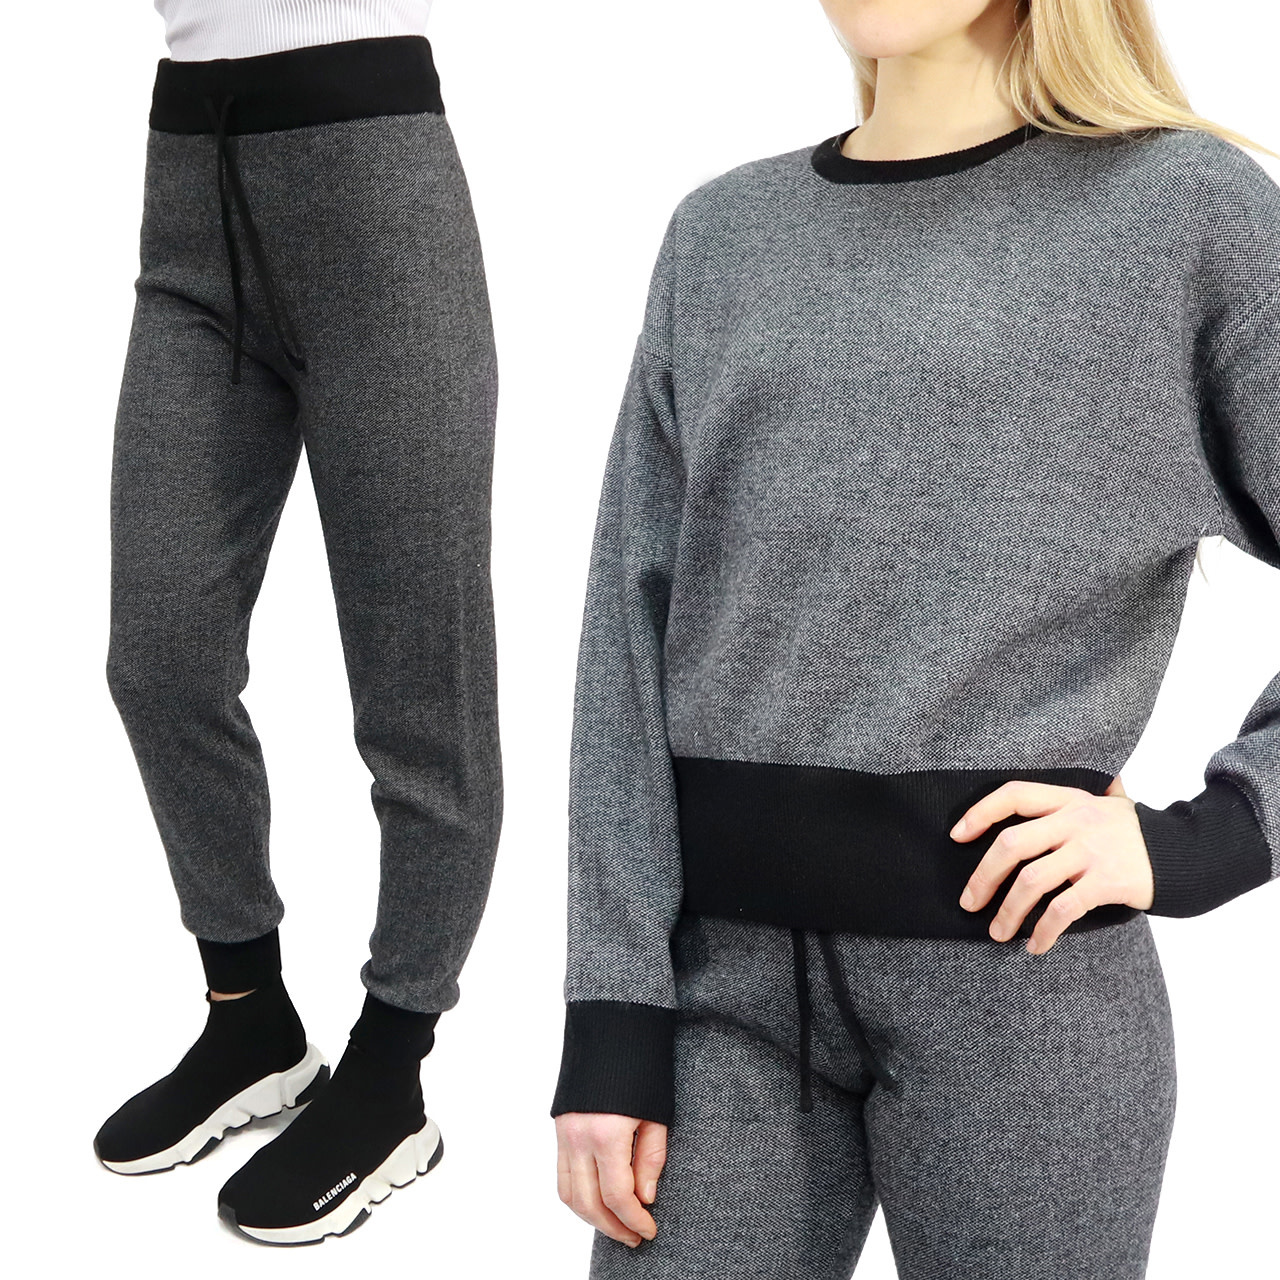 Knit Top & Pant Set